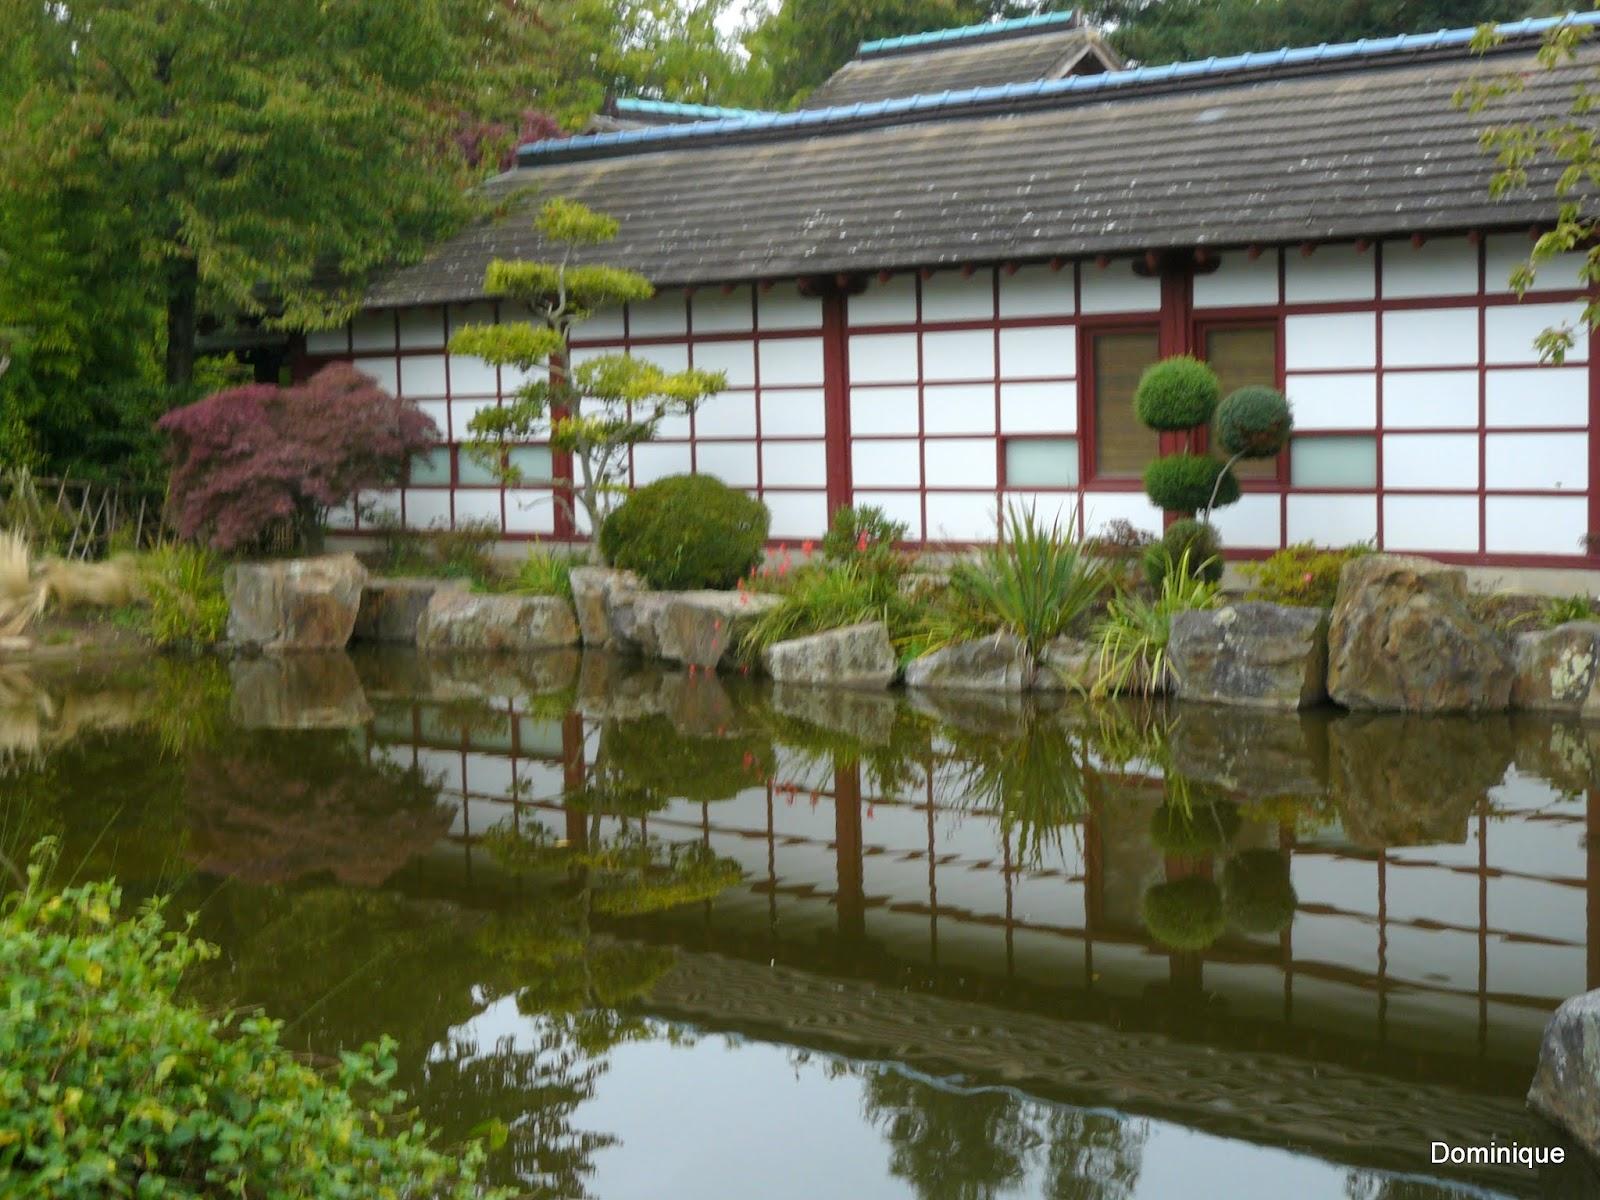 Le quai de versailles nantes jardin japonais d tours de france for Jardin japonais nantes